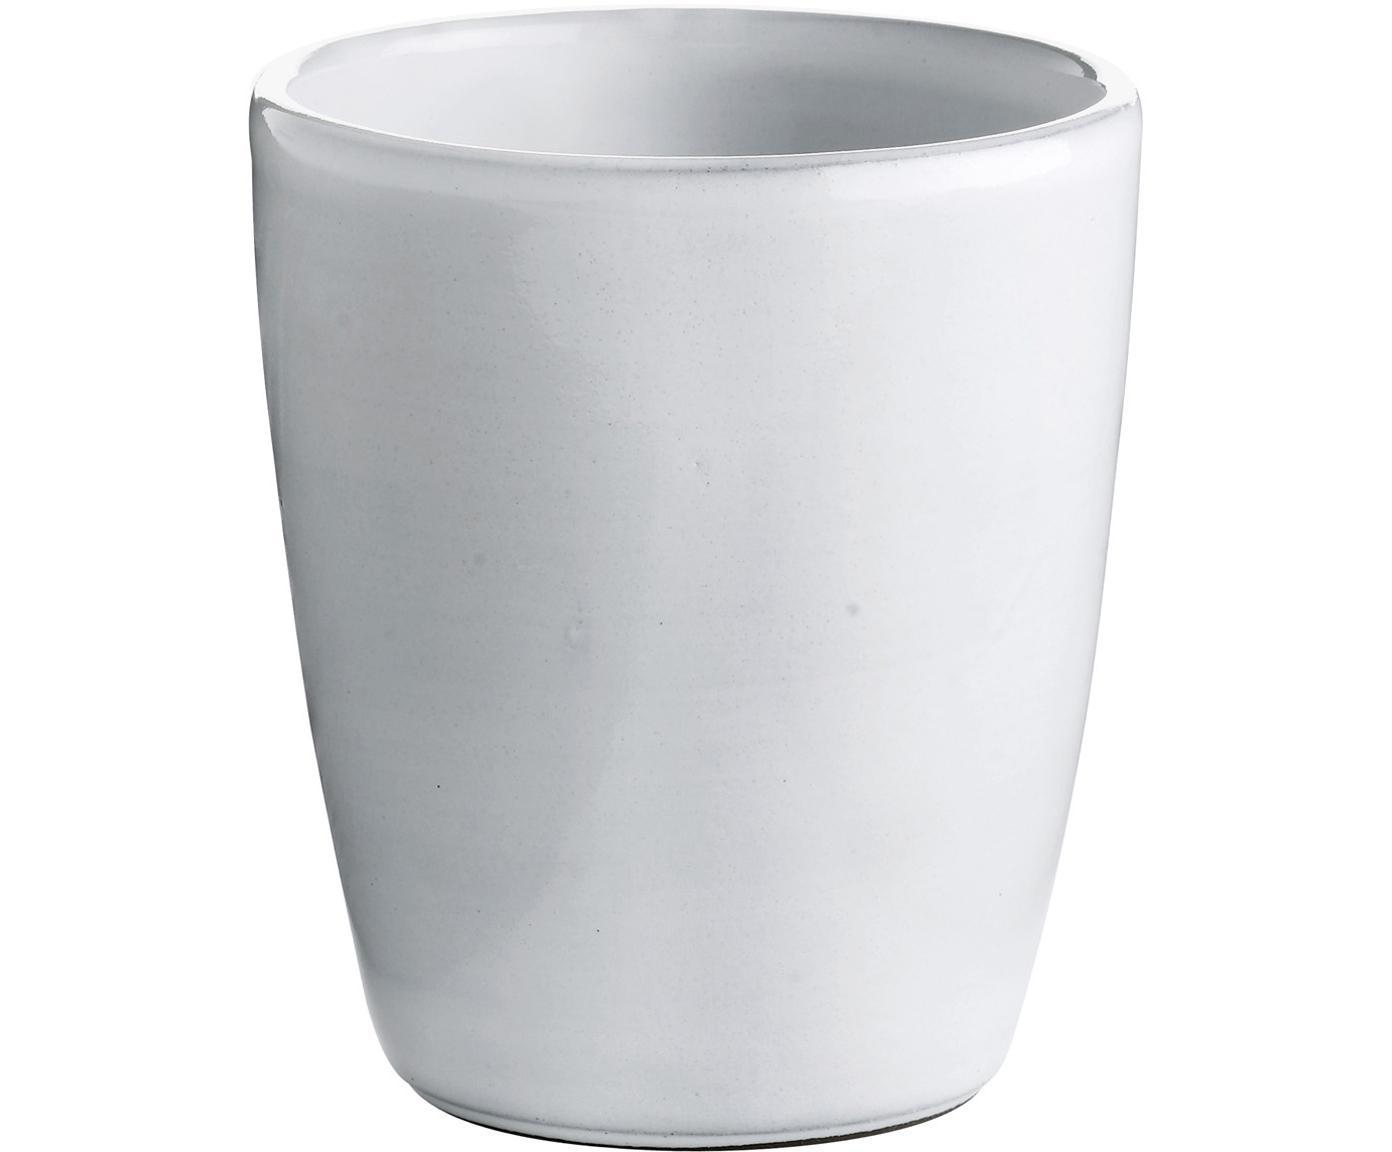 Bekers Haze, 2 stuks, Geglazuurd keramiek, Wit, grijs, Ø 10 x H 11 cm